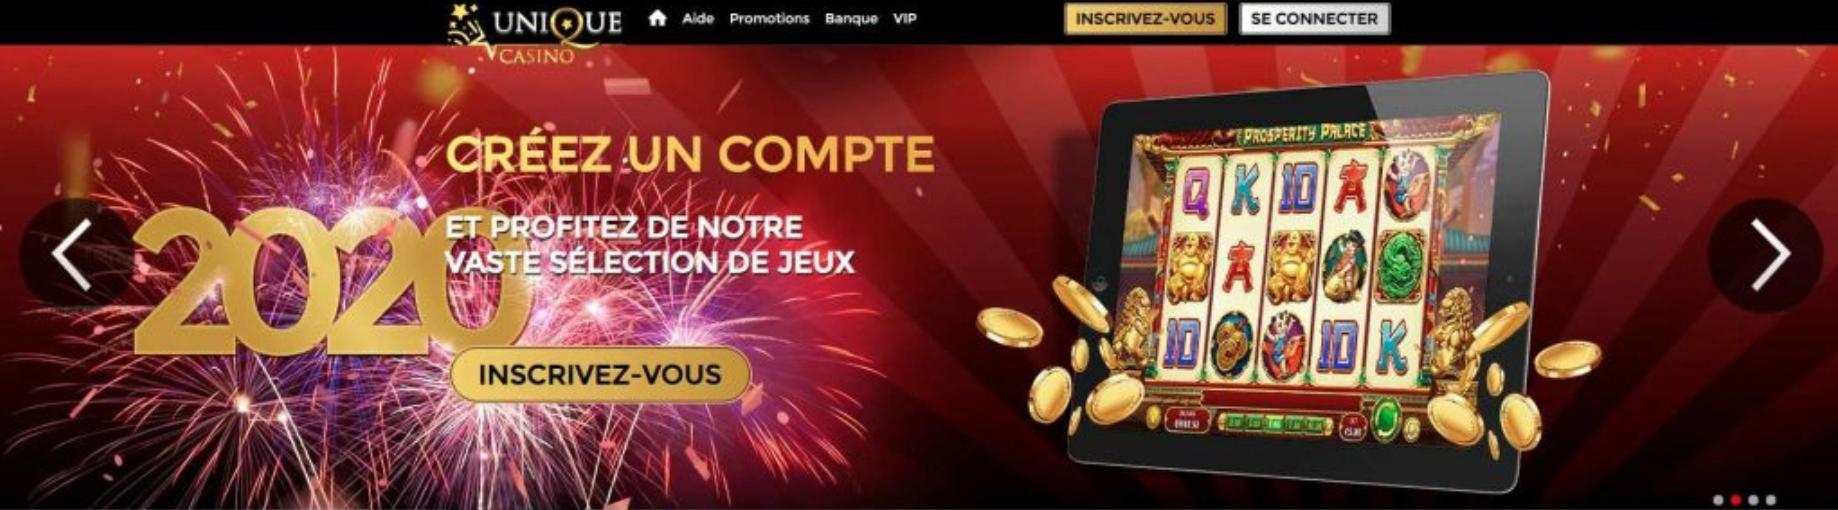 unique casino offres